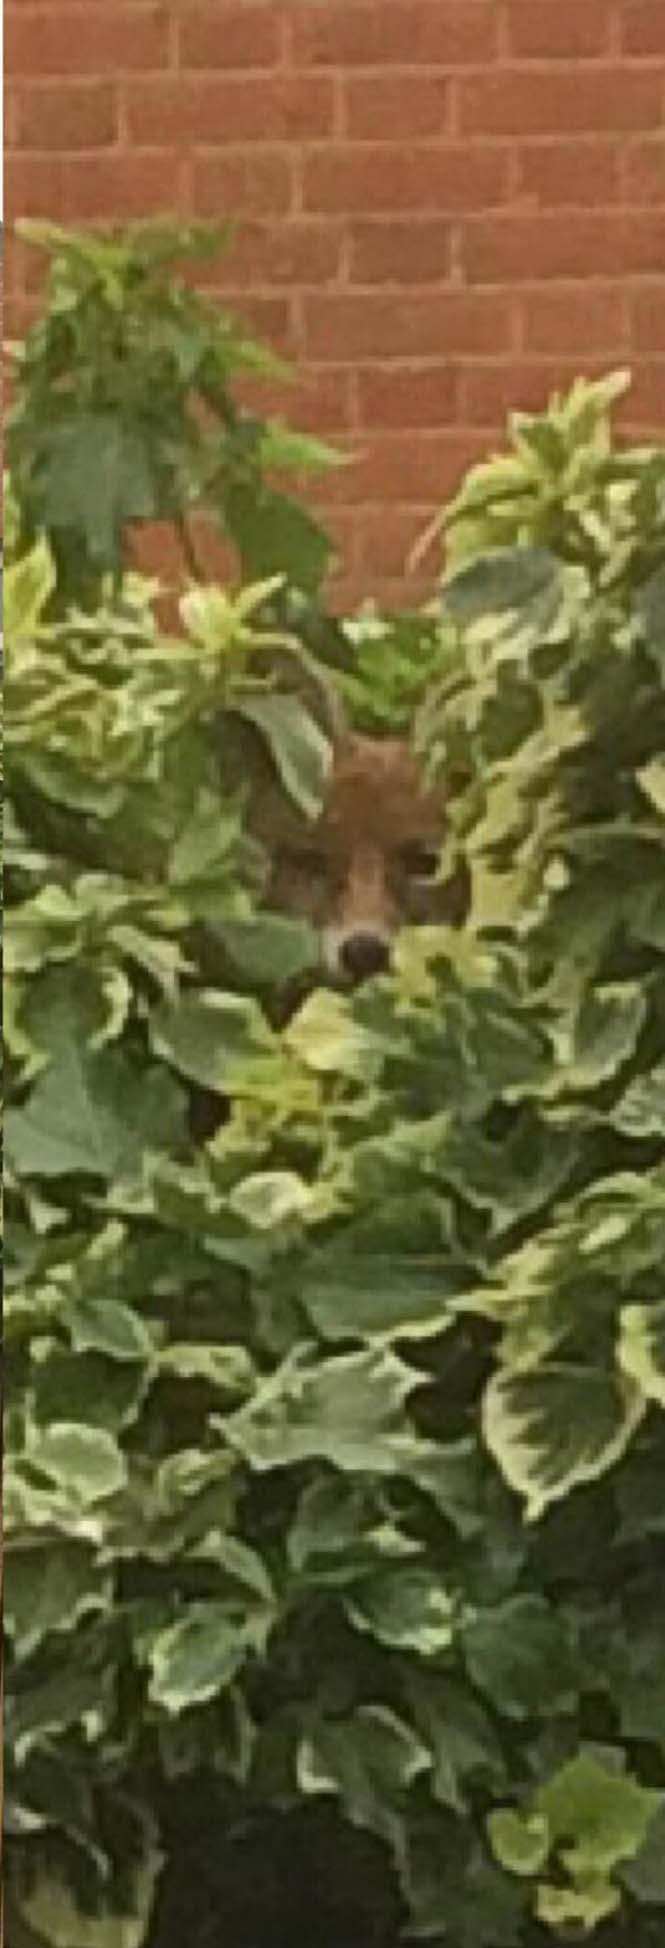 Μπορείτε να εντοπίσετε την αλεπού; (4)